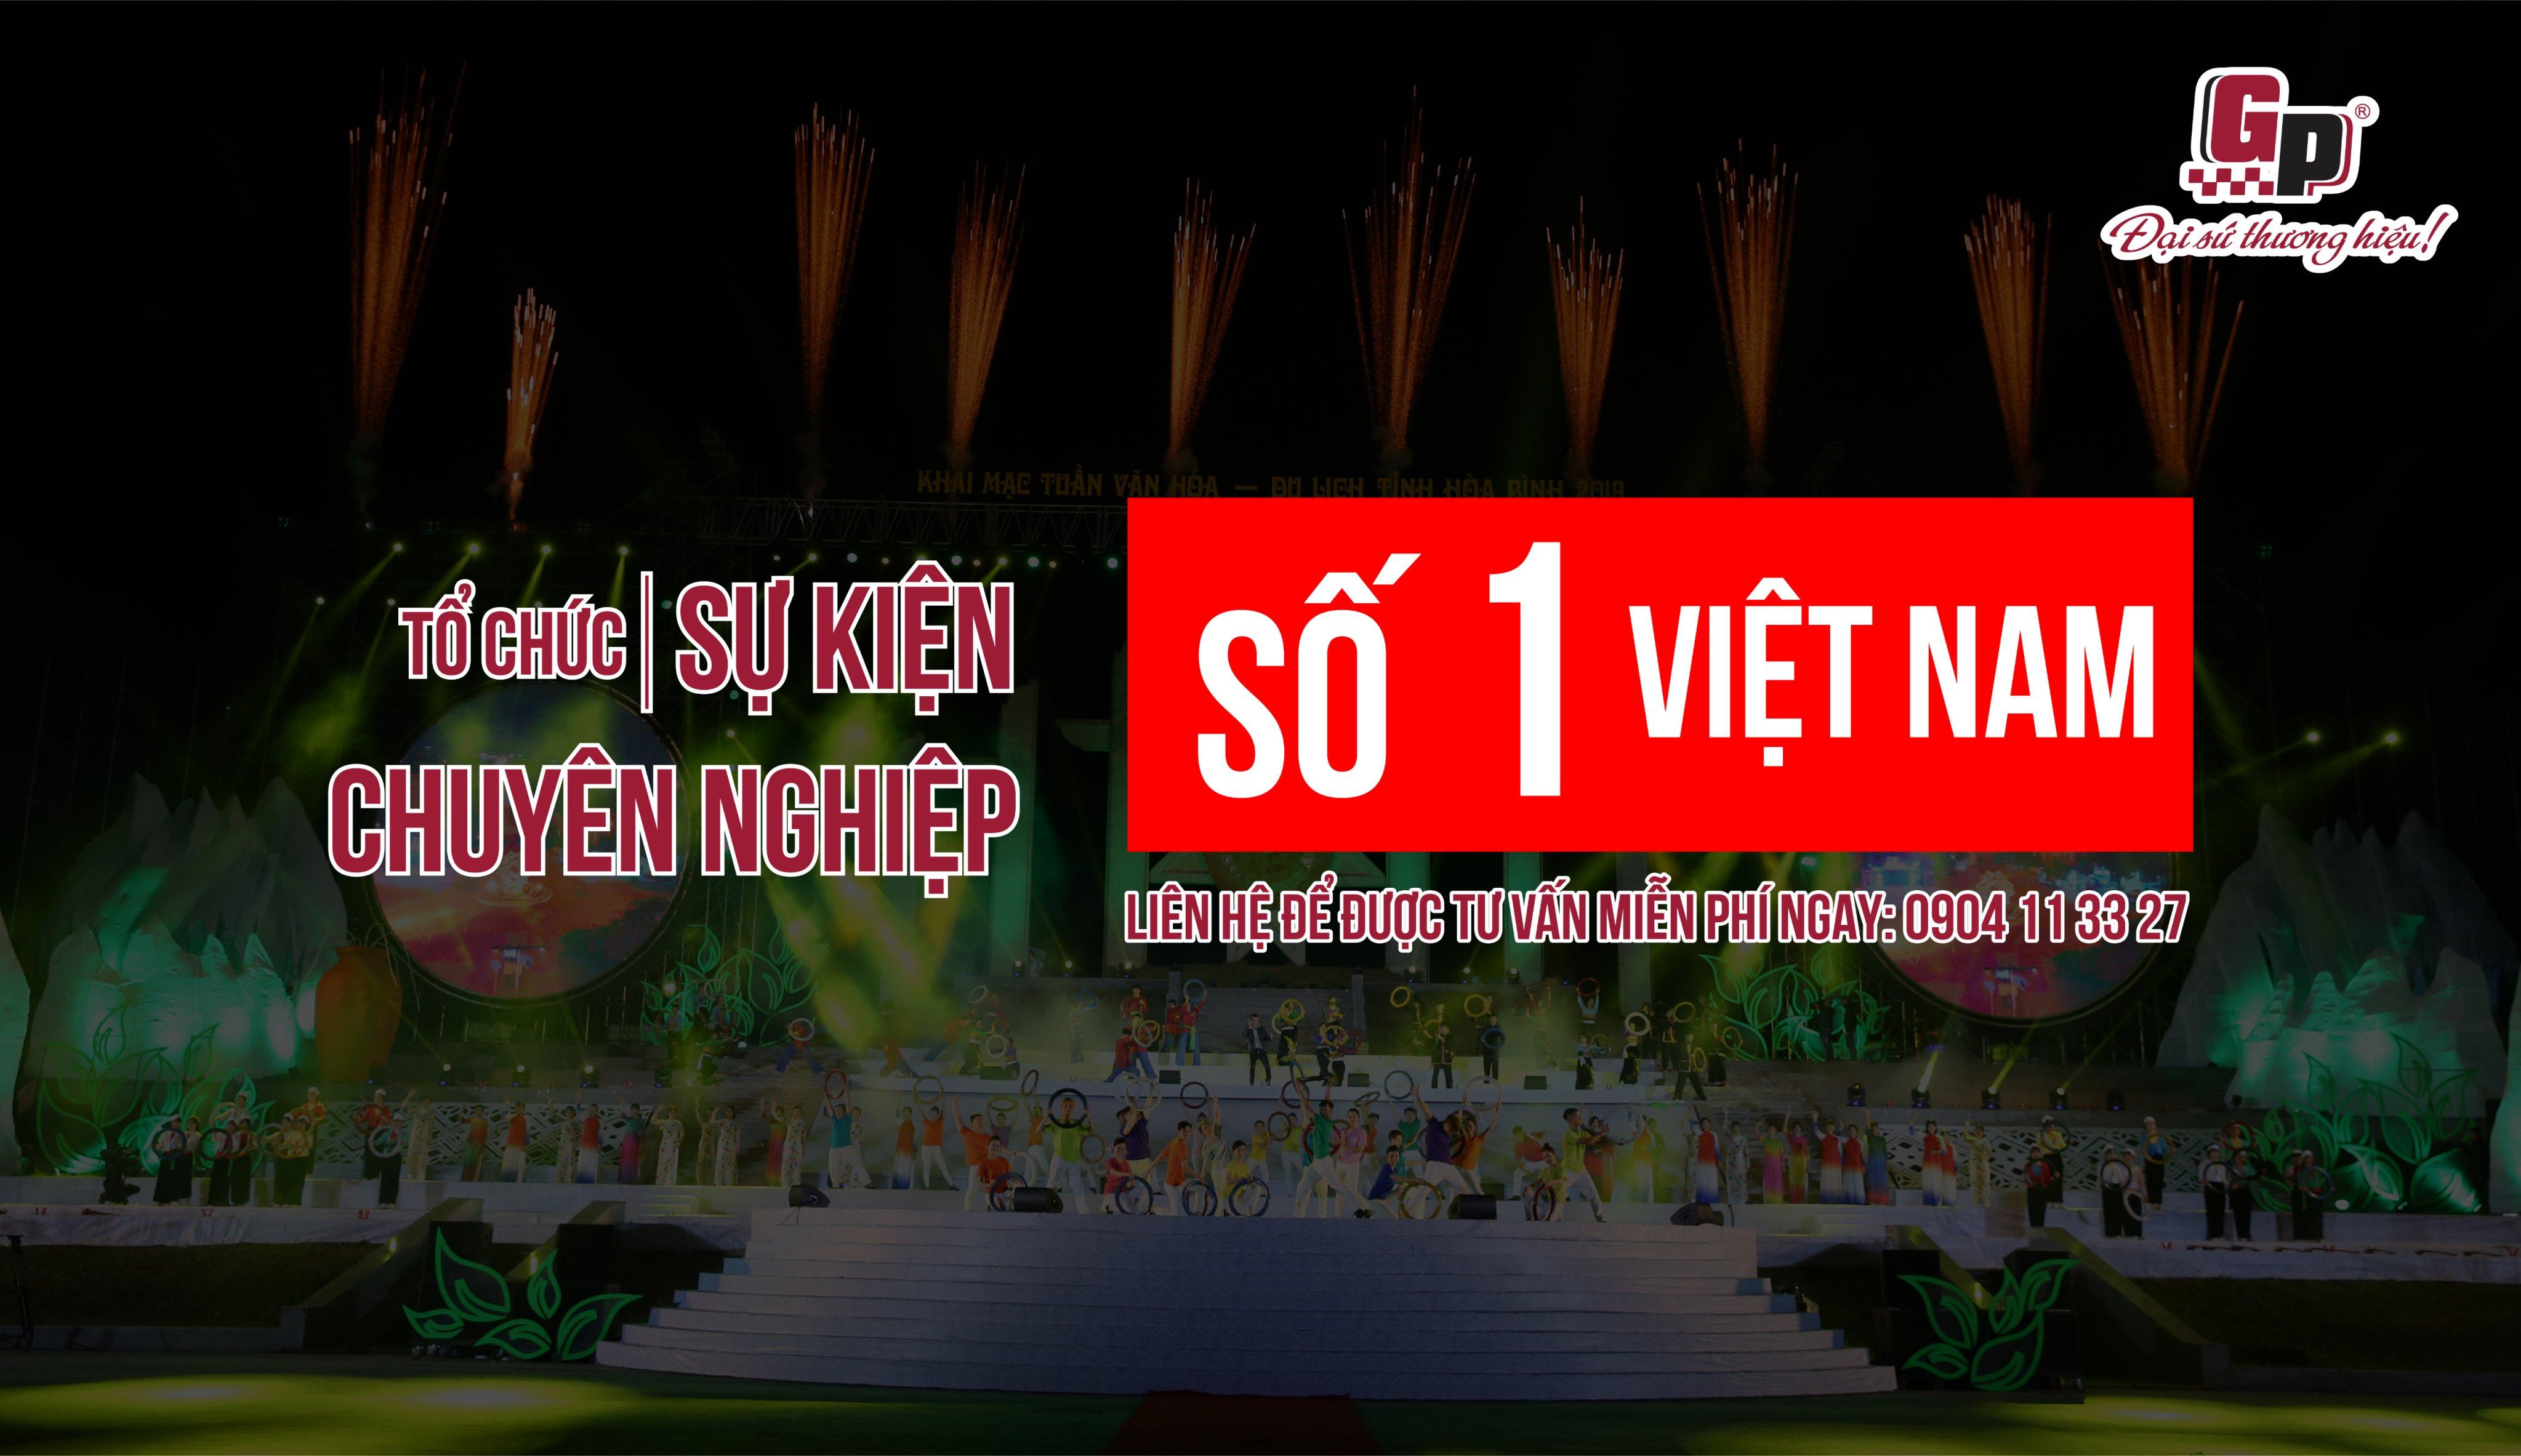 Gia Phạm JSC - Đơn vị tổ chức sự kiện ...